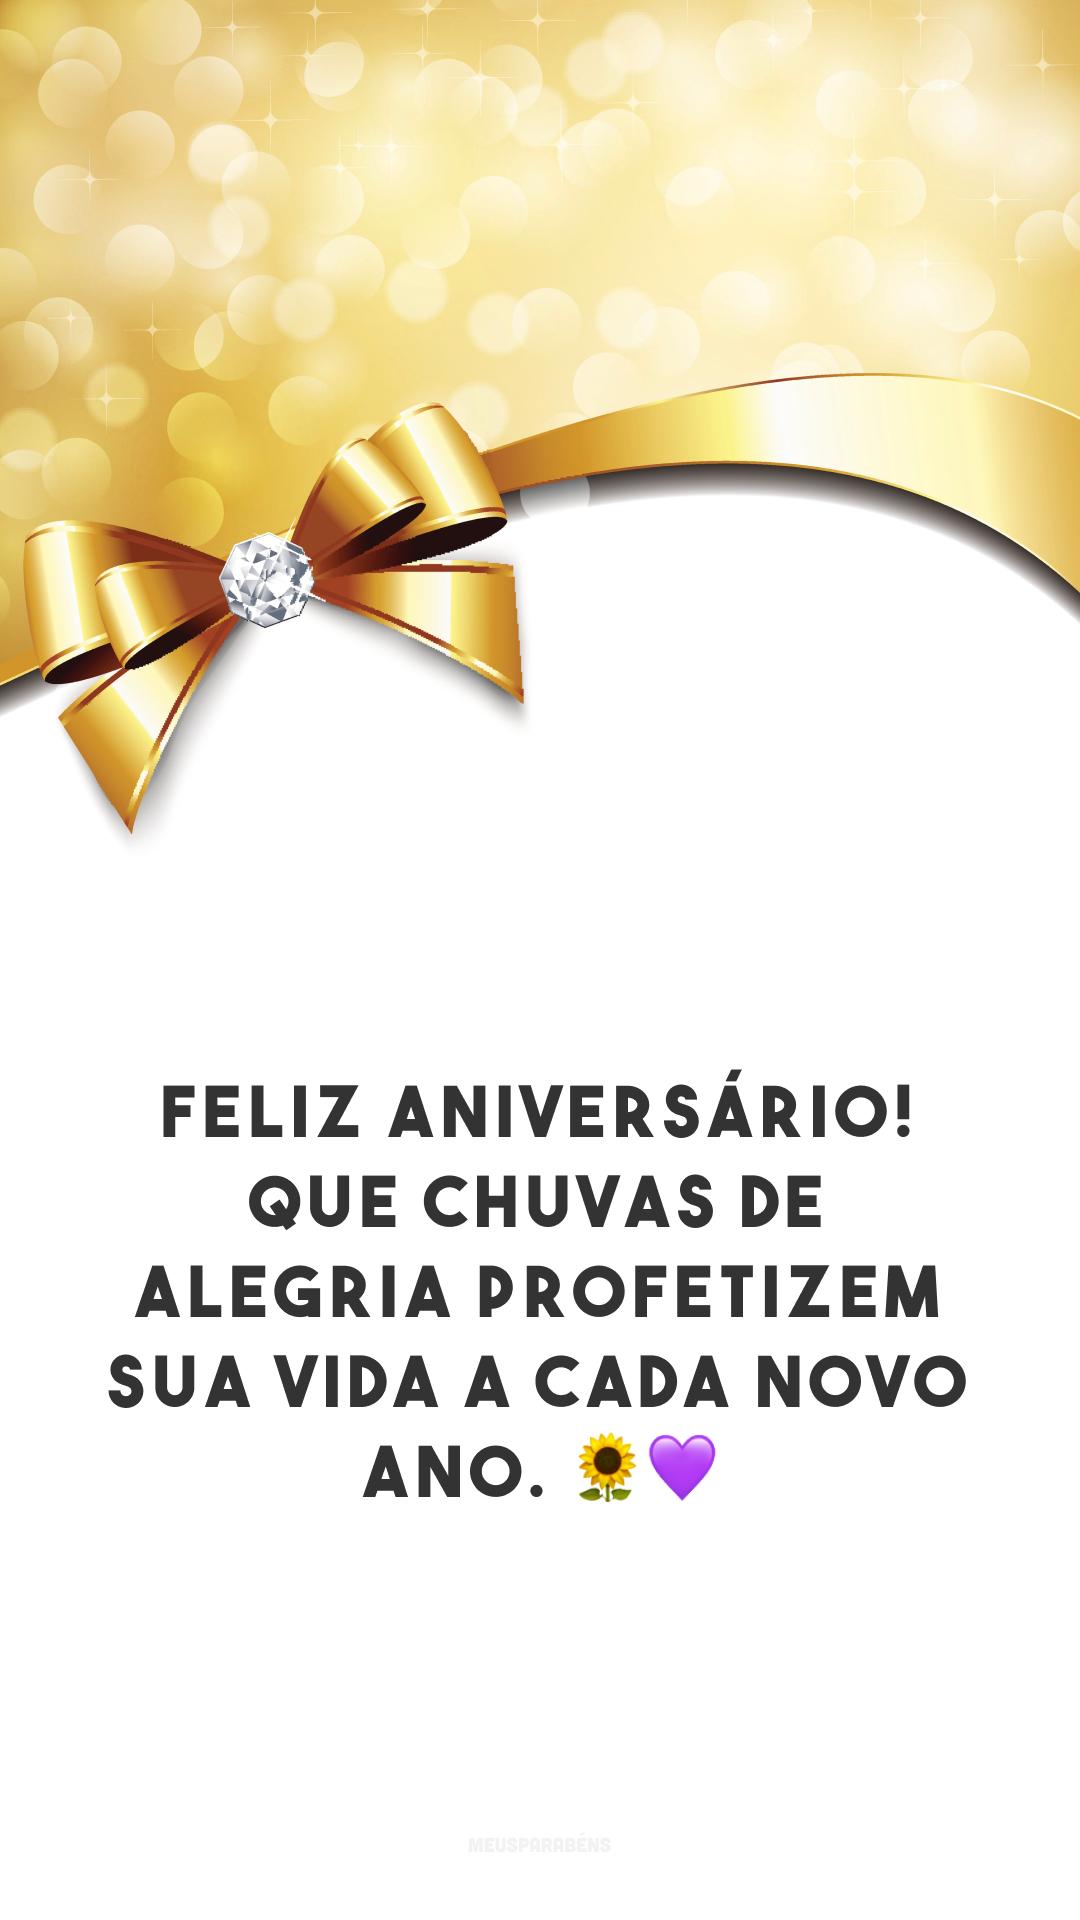 Feliz aniversário! Que chuvas de alegria profetizem sua vida a cada novo ano. 🌻💜